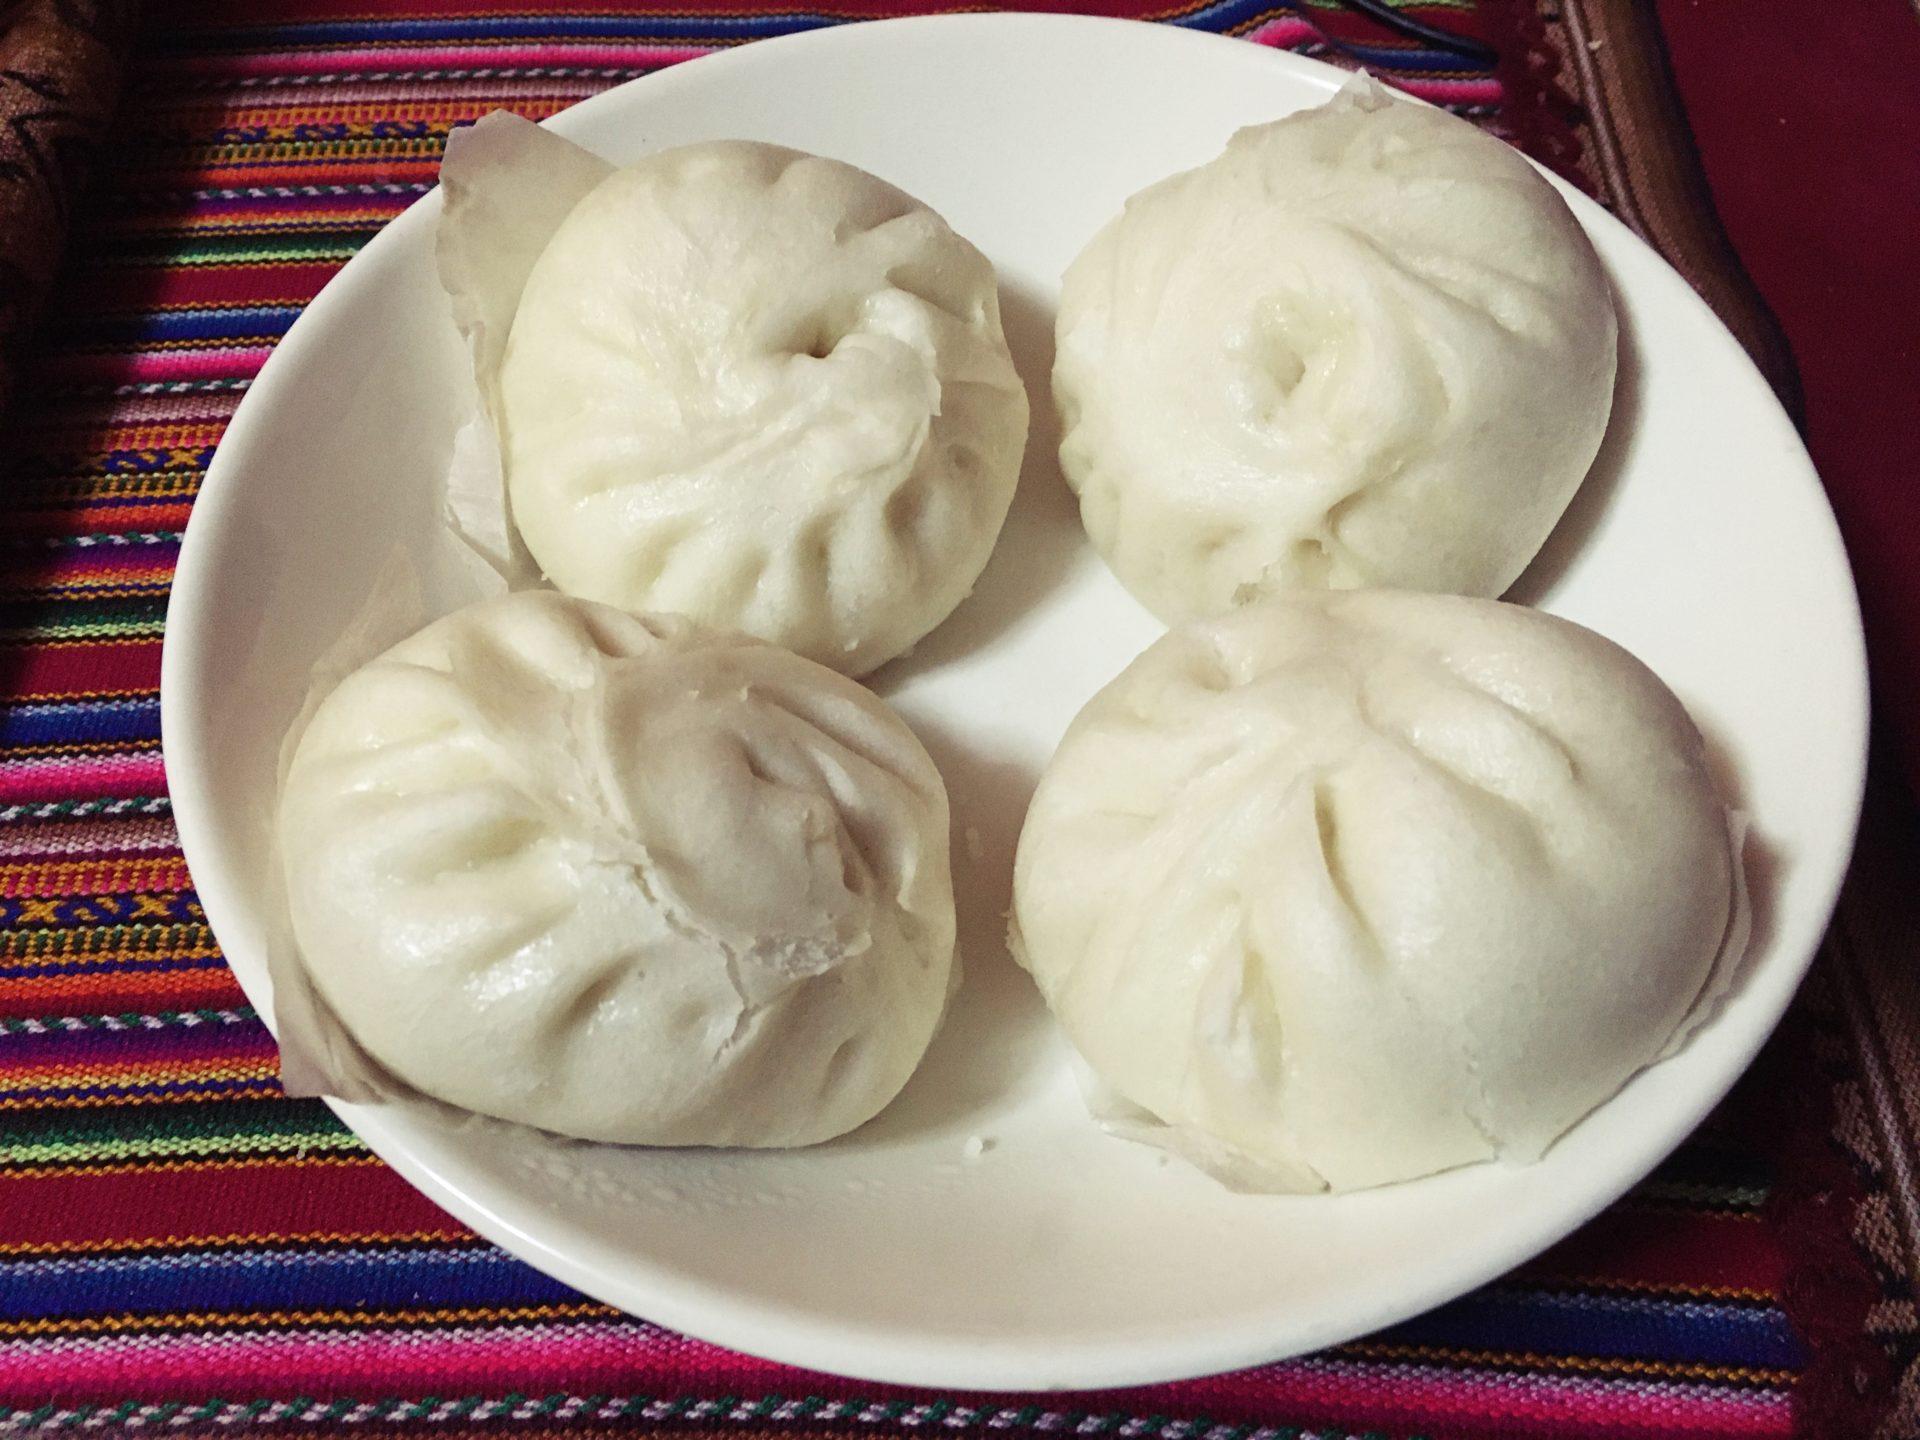 ペルー, クスコ, アジア, 食材, 中華まん, 肉まん